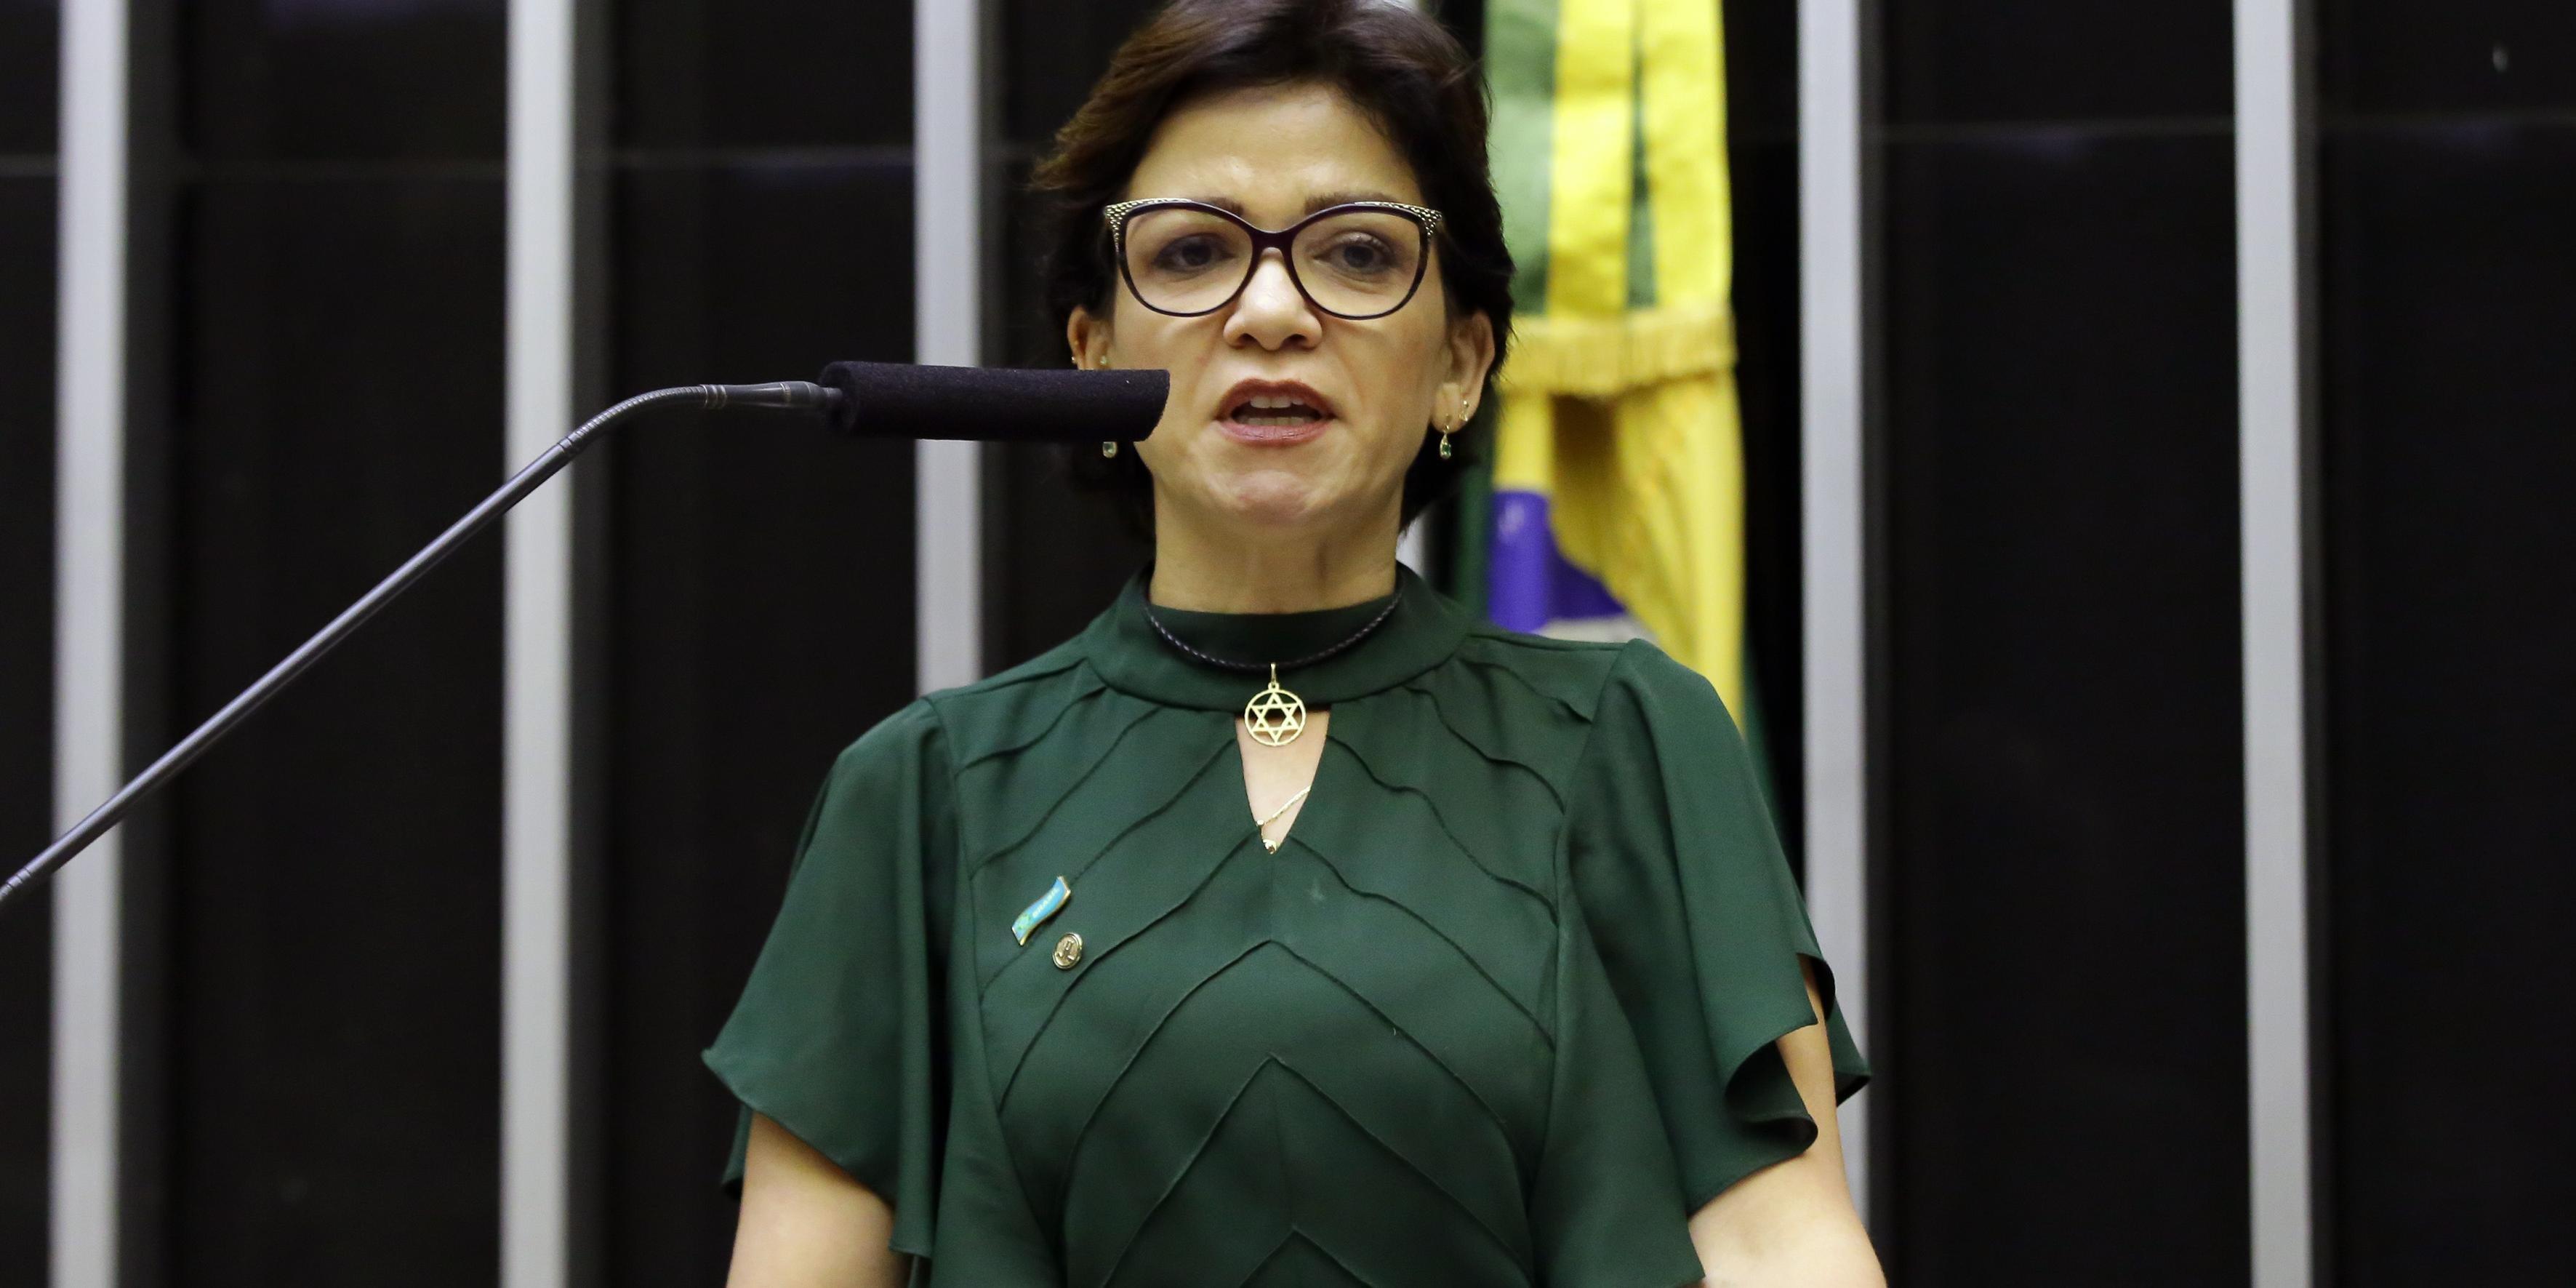 Pedido da deputada ocorre após a deputada federal Alê Silva (PSL-MG) ter solicitado proteção policial alegando ter recebido ameaças do ministro